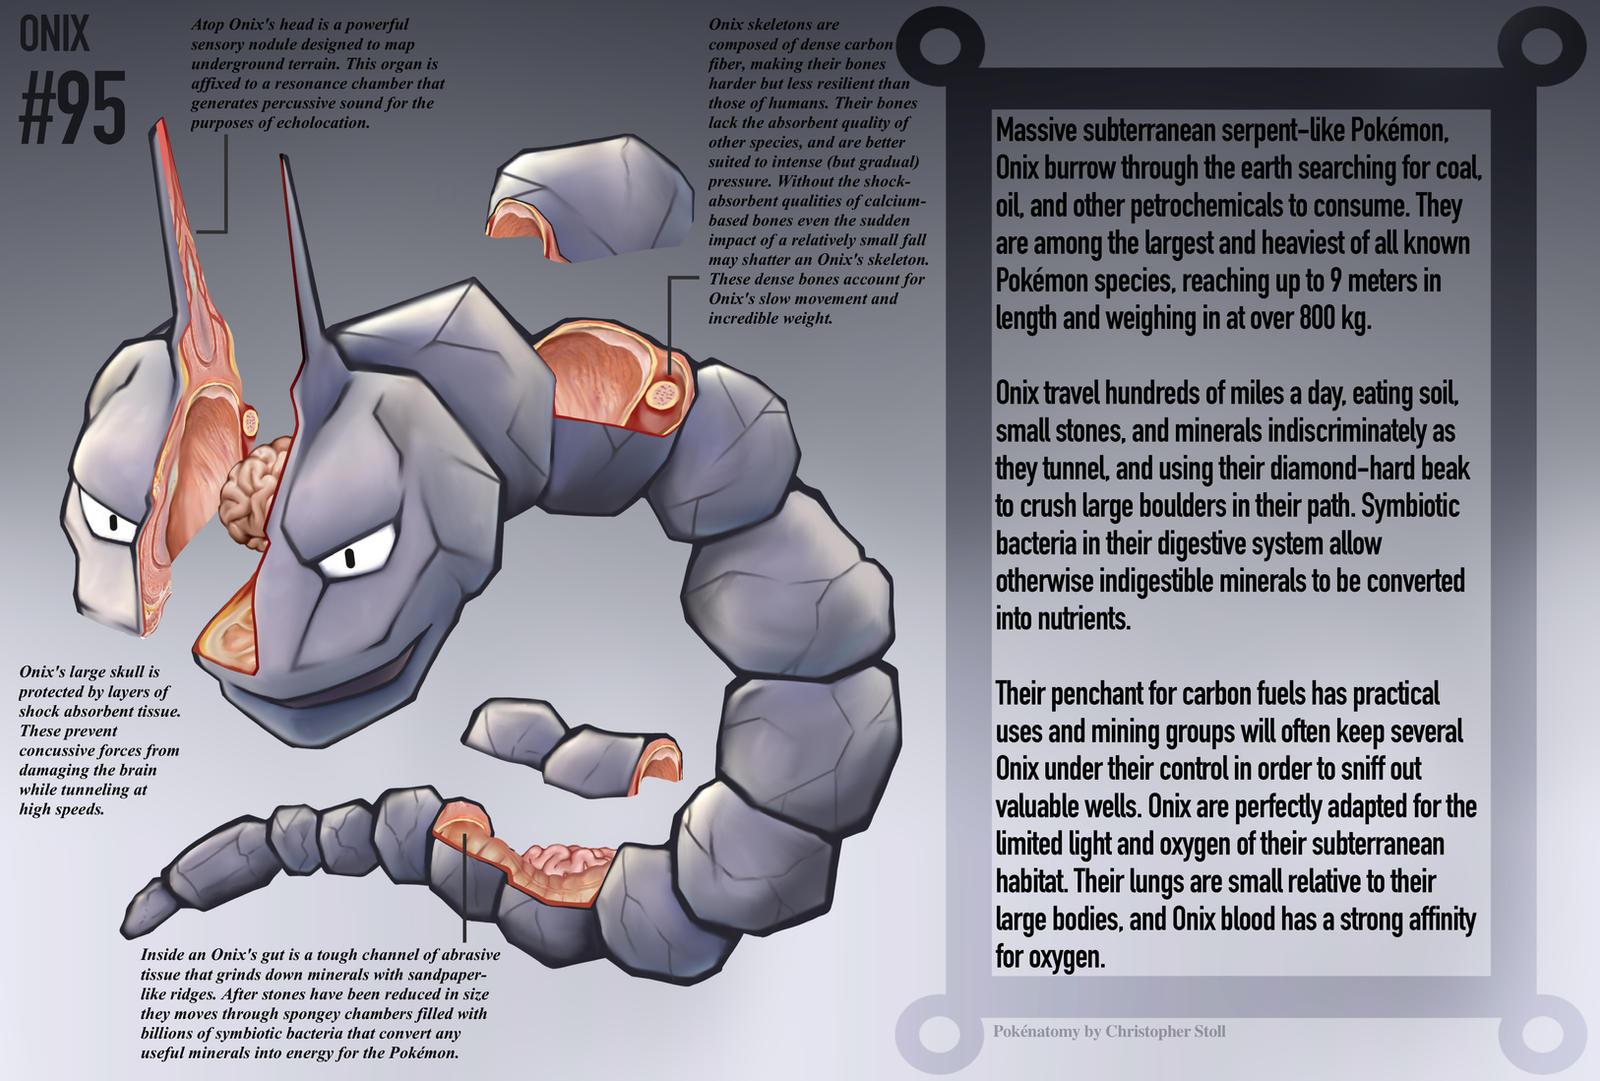 I. Enseñar utilizando los recursos de moda: Pokemon Go